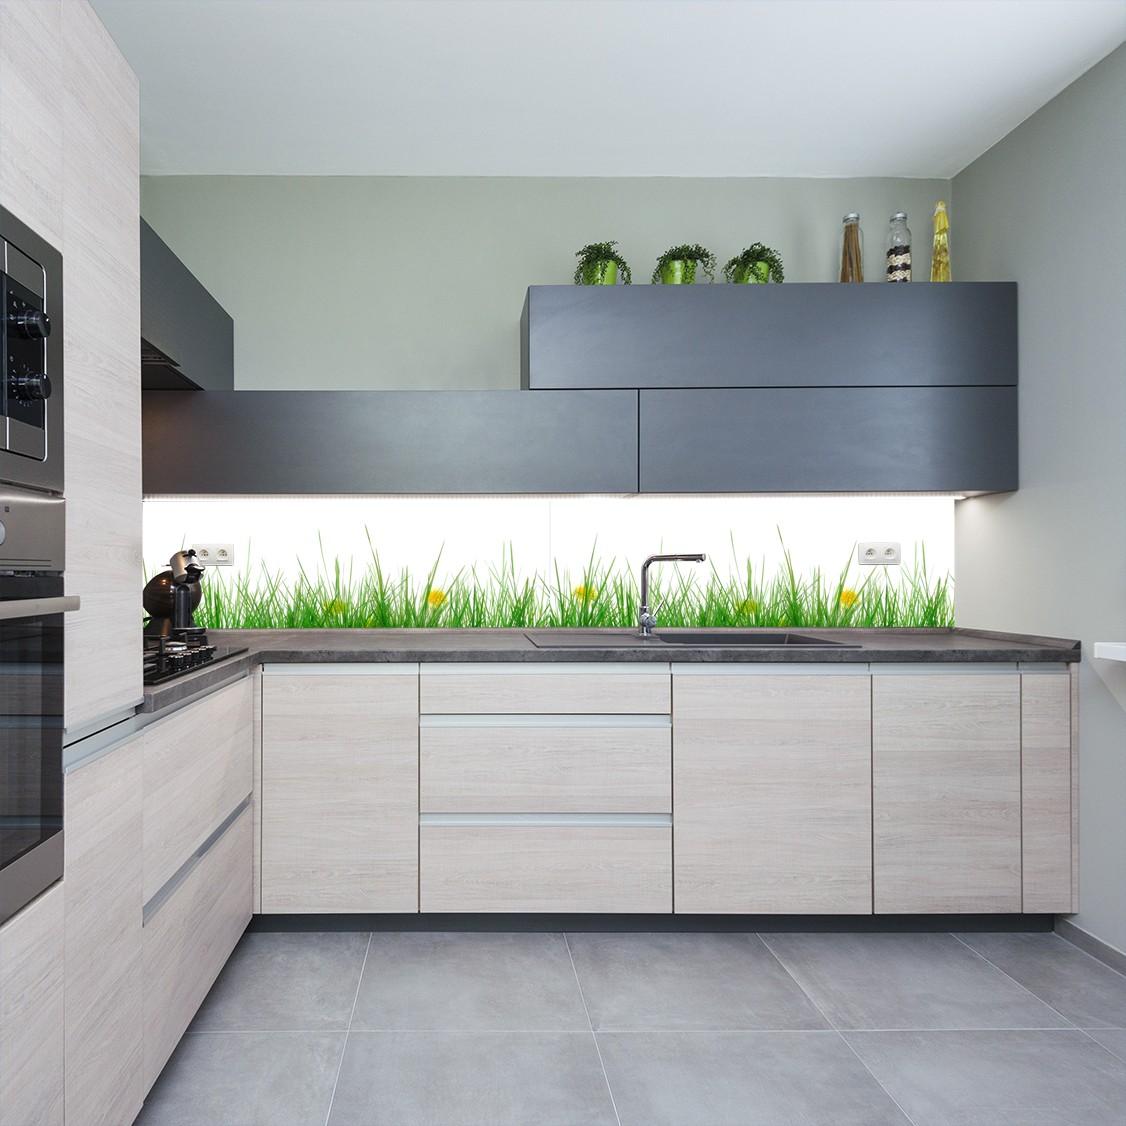 Panel Szklany Do Kuchni Z Motywem Trawy Na Białym Tle